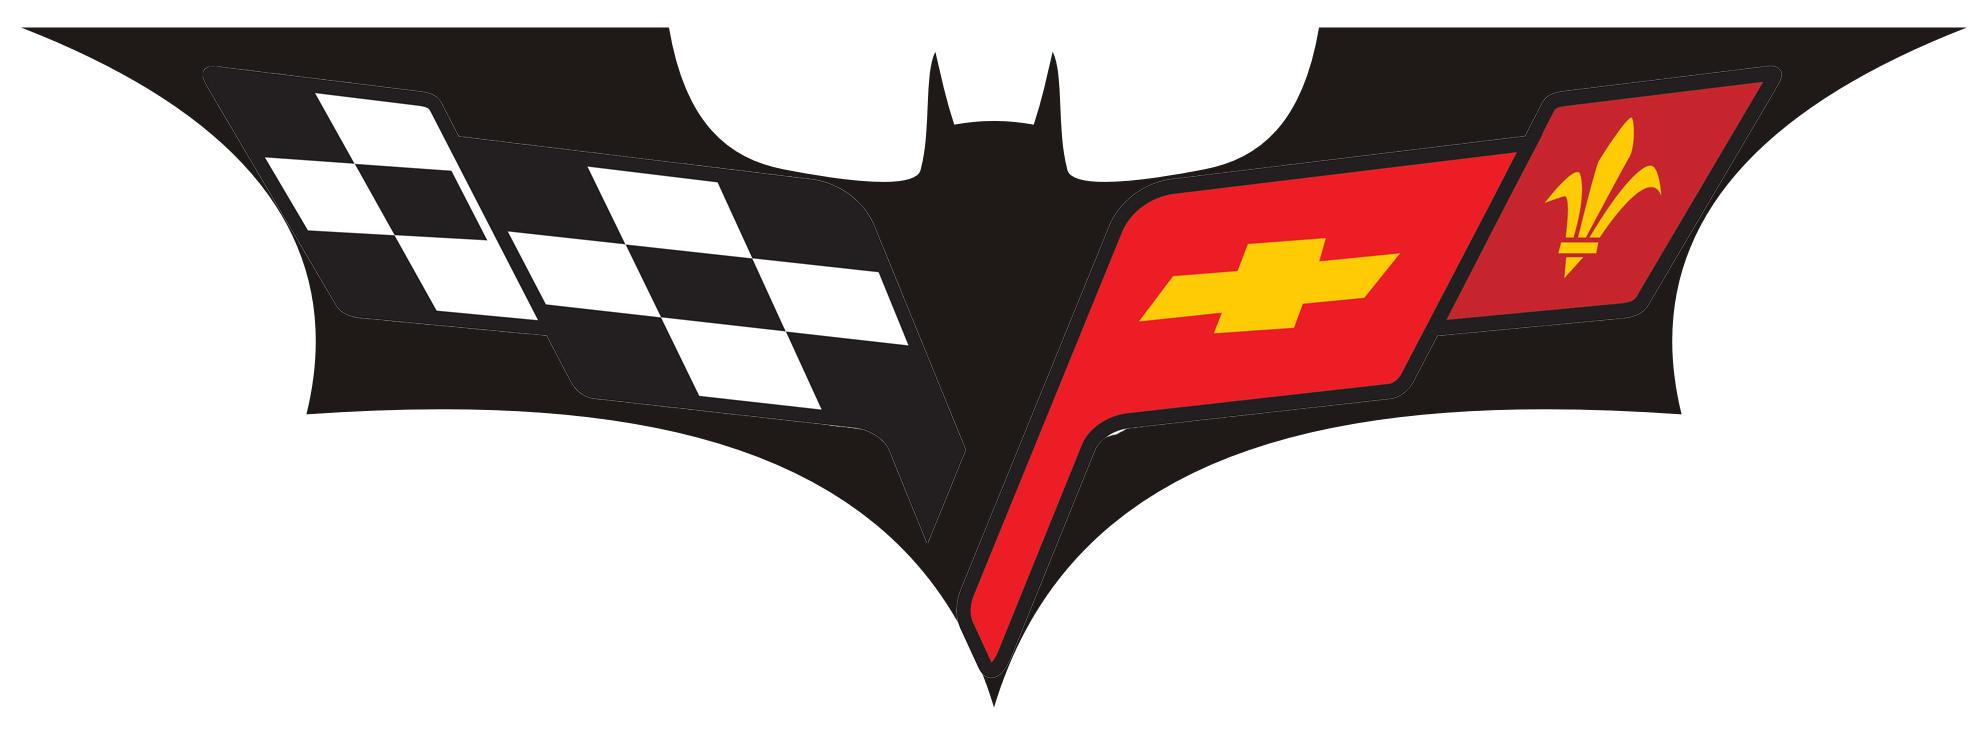 how to draw corvette logo